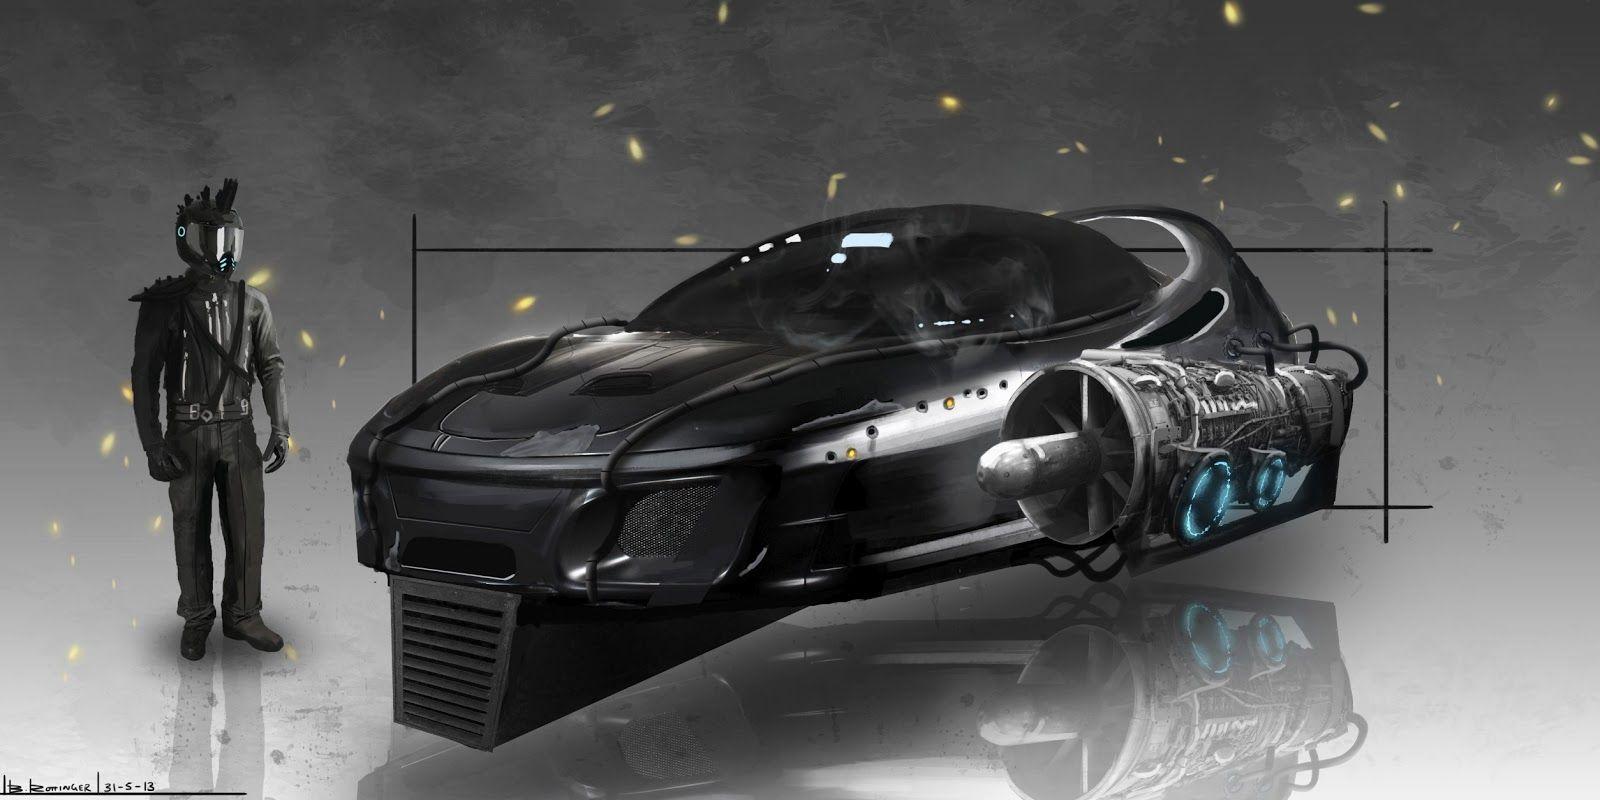 Hovercar Blake Rottinger Art Hover Car Concept